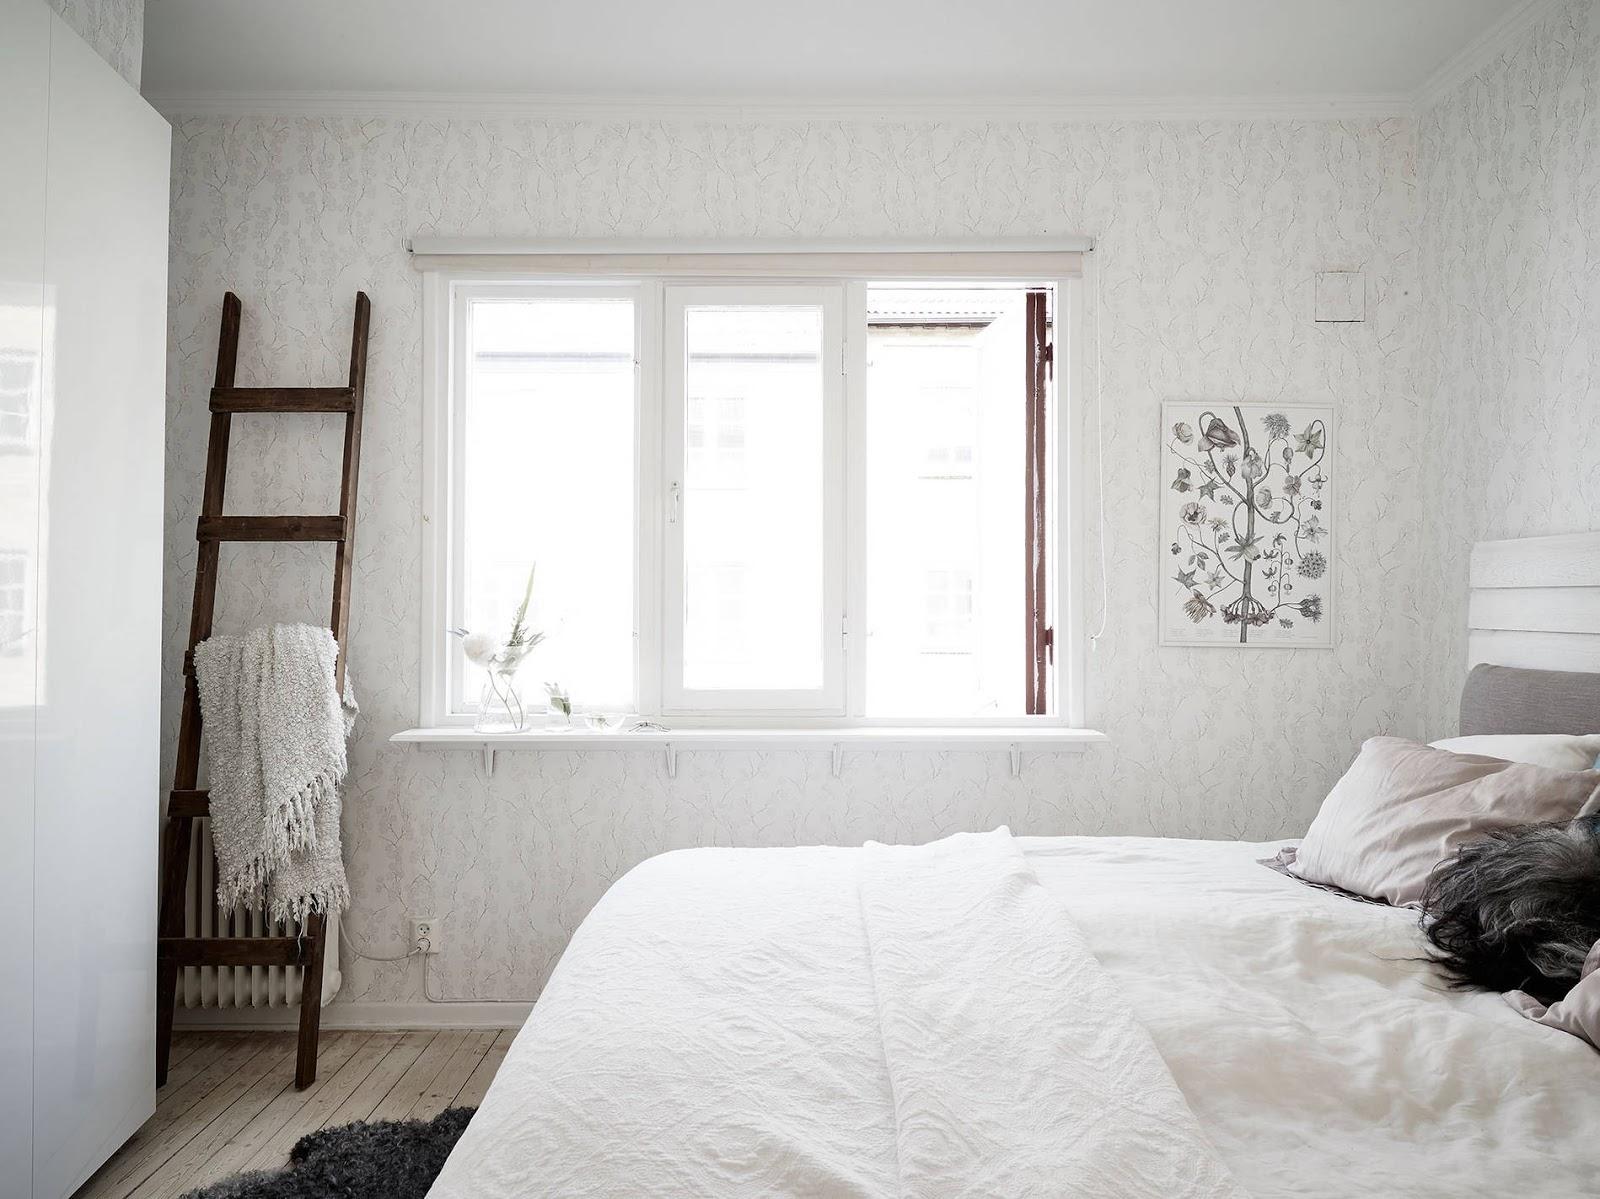 drabina w sypialni, drabina w łazience IKEA